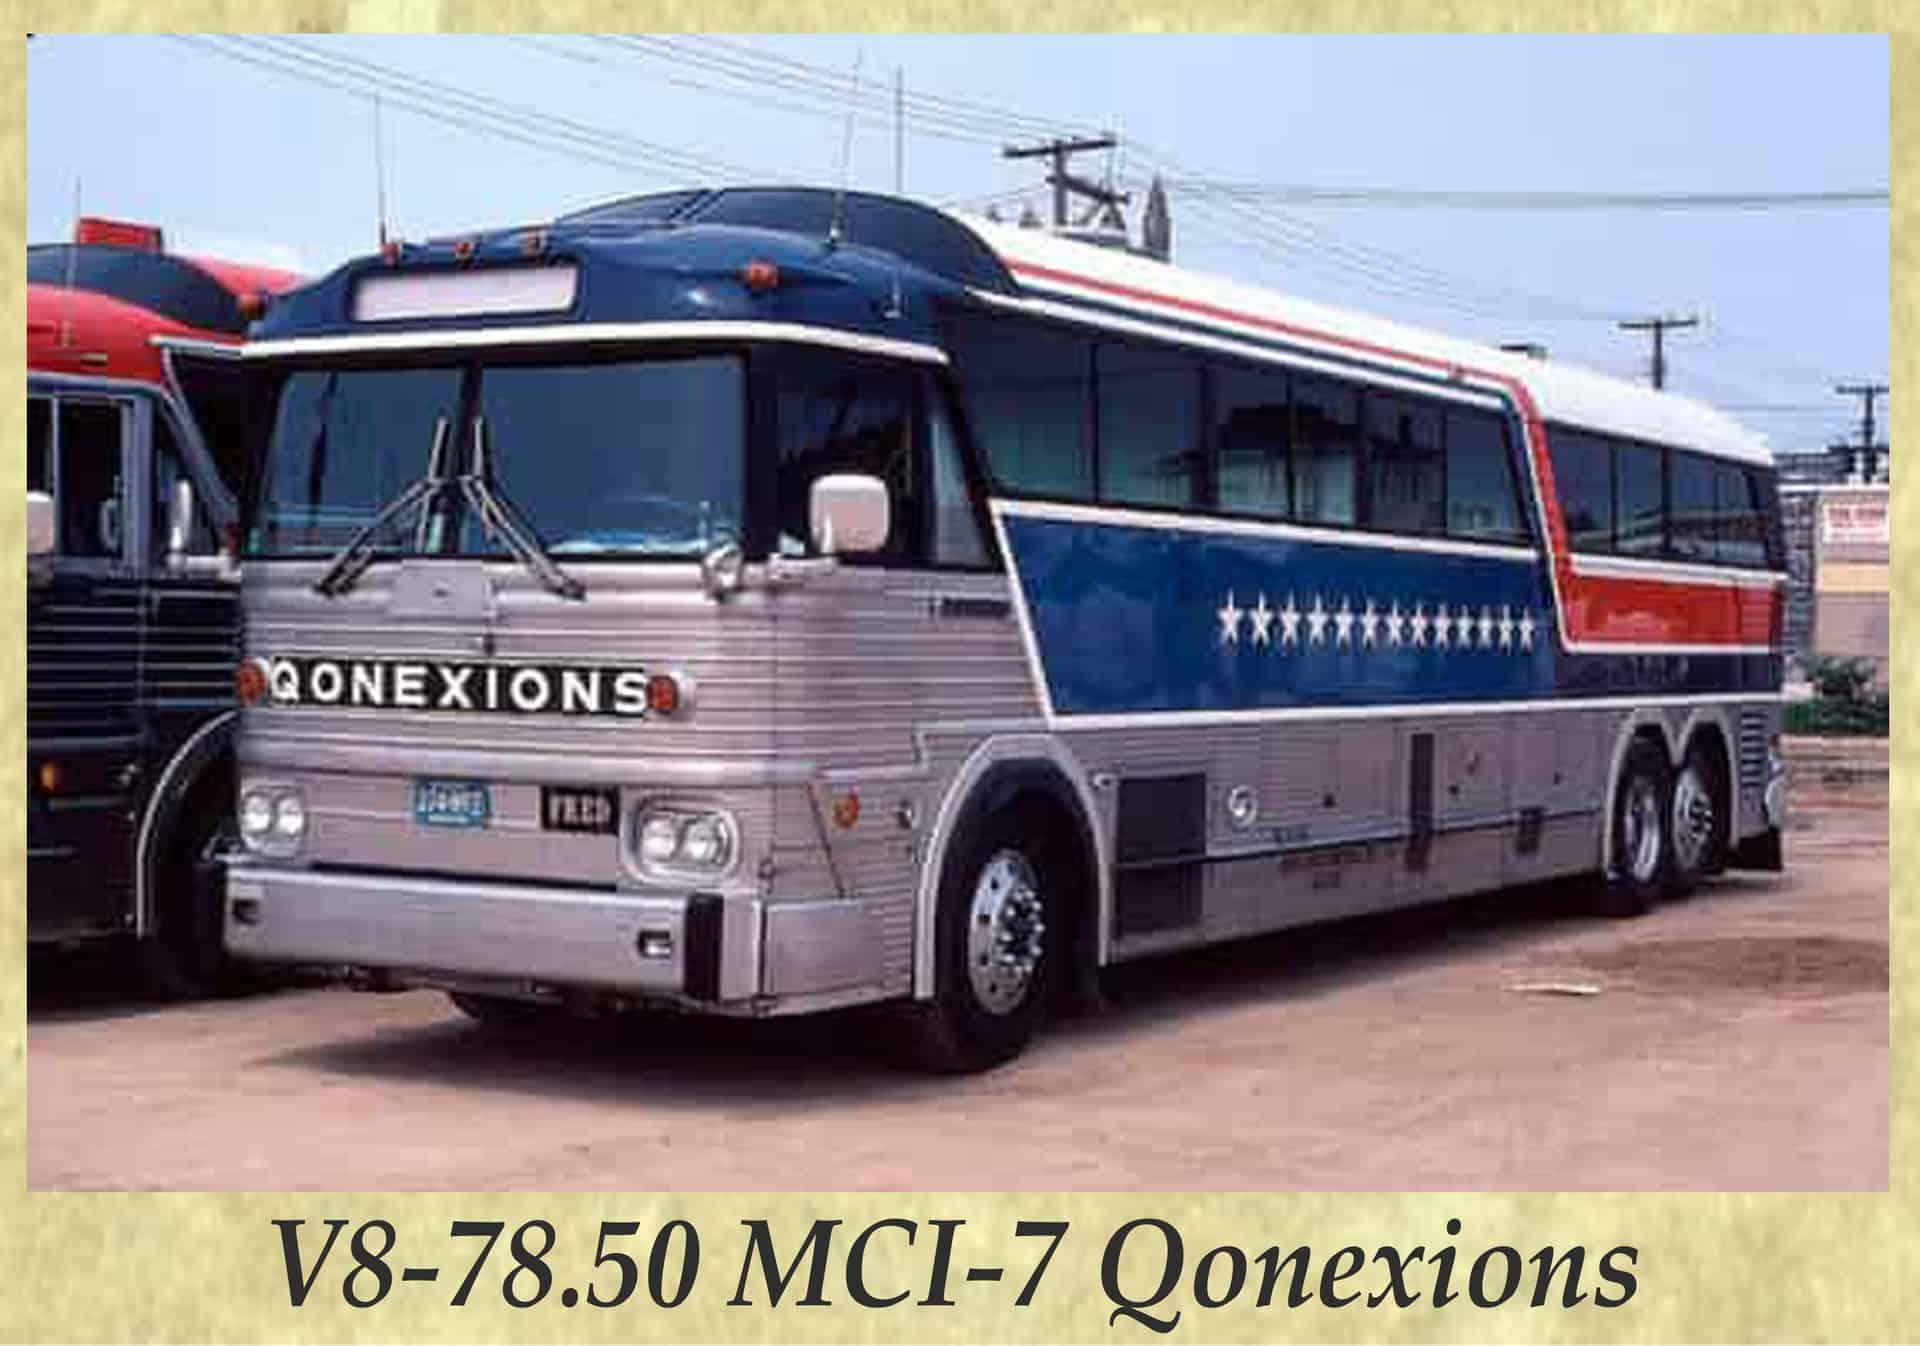 V8-78.50 MCI-7 Qonexions